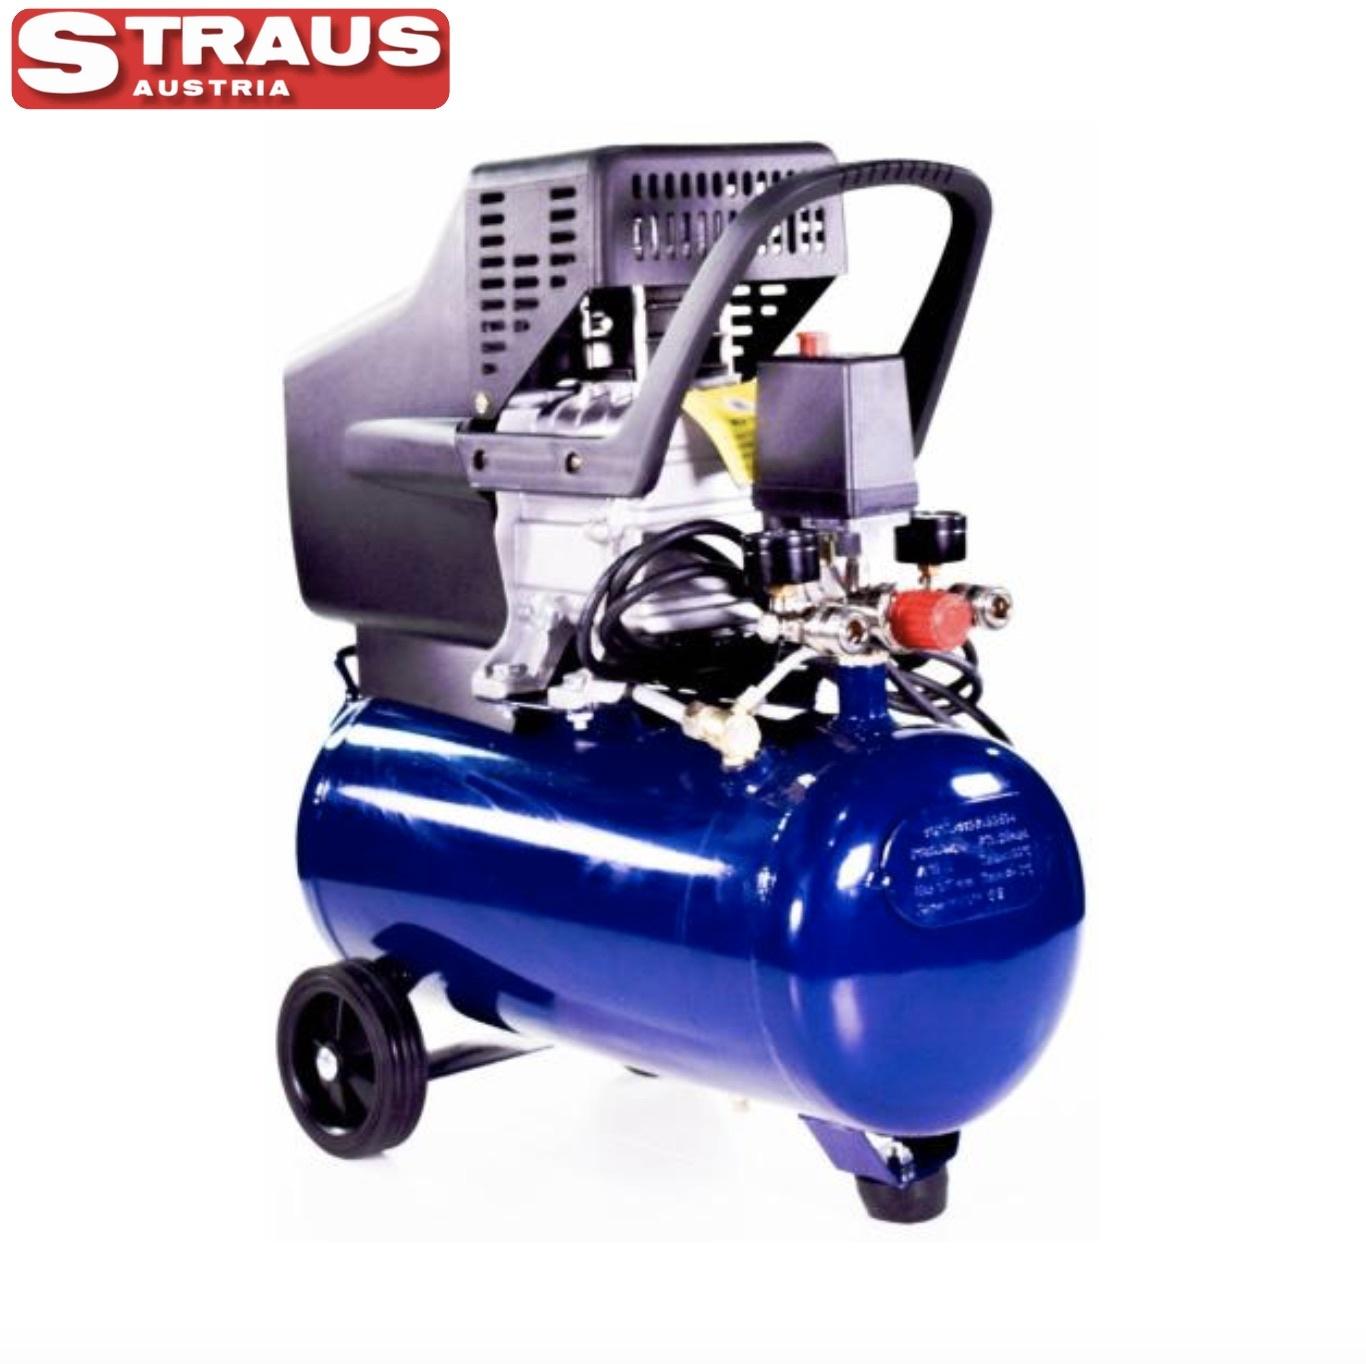 Straus Compressor 25l 110l/min